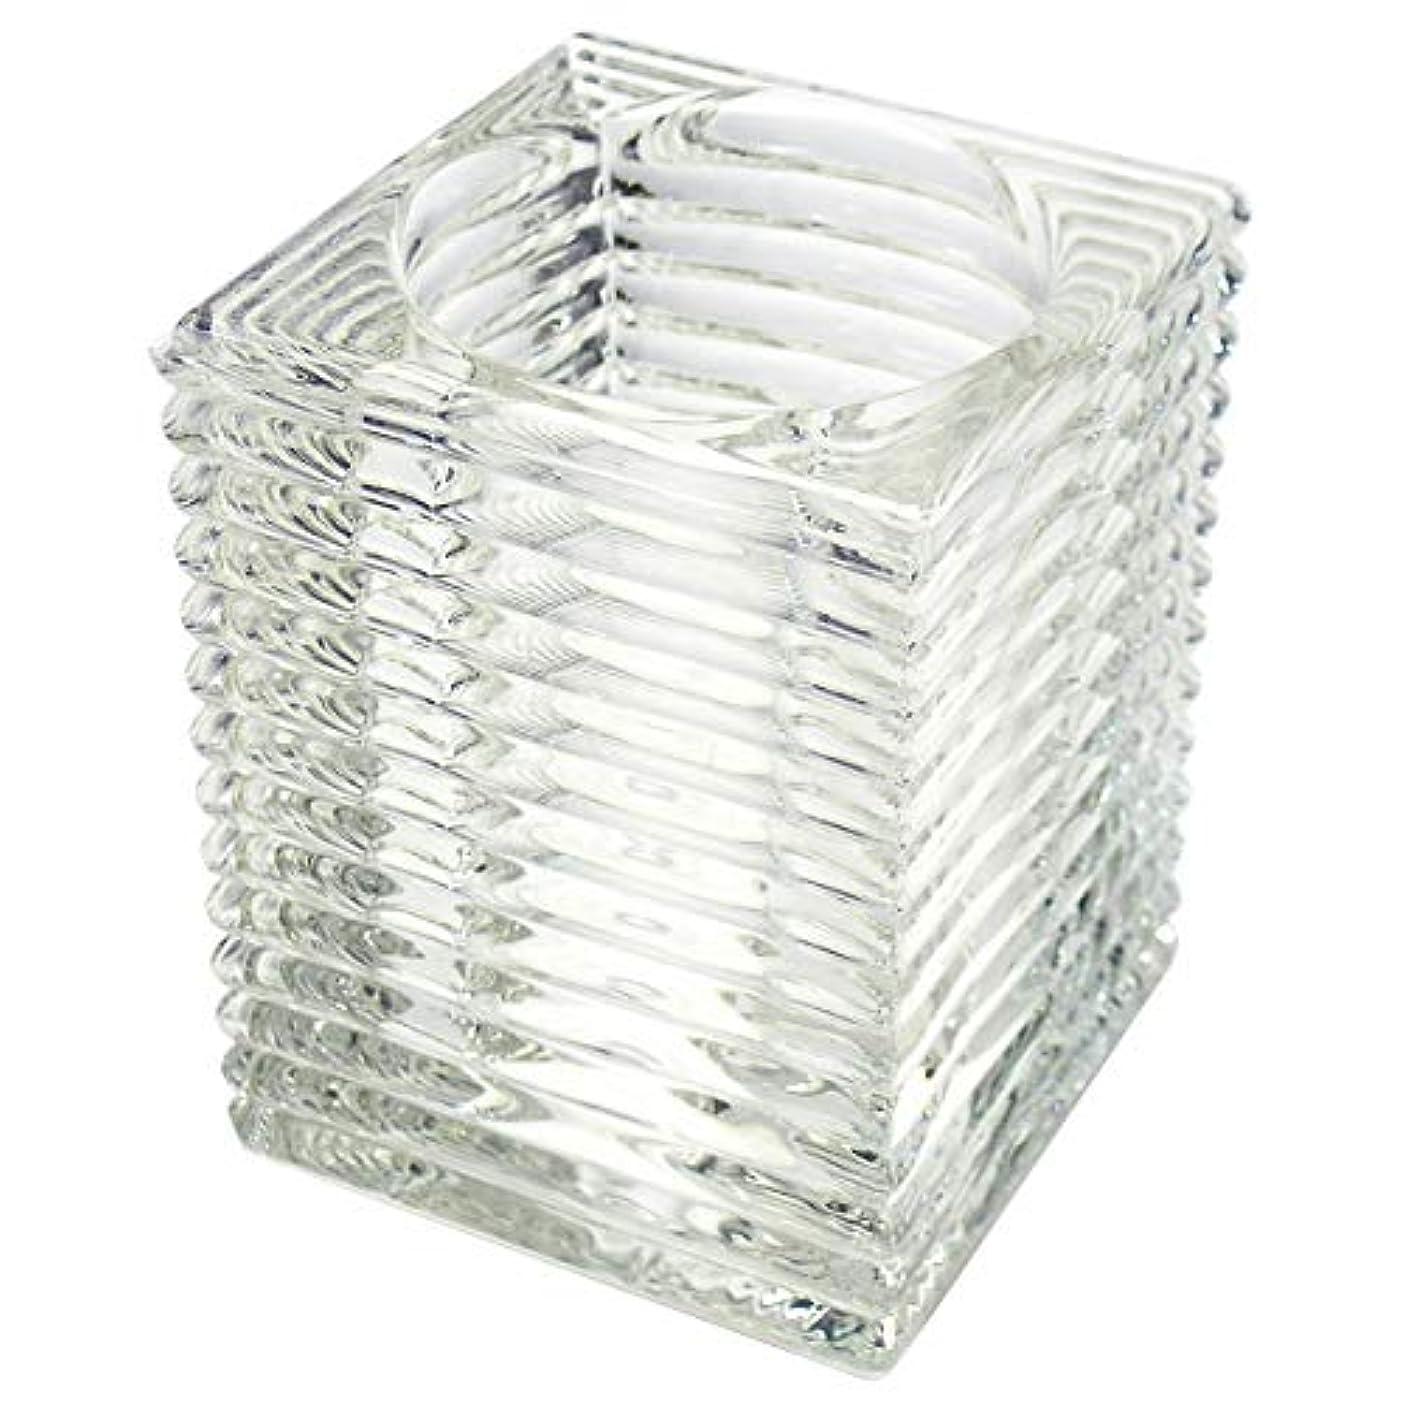 分析する真実テナントキャンドルホルダー ガラス6 キャンドルスタンド ろうそく立て ティーライトキャンドル ティーキャンドル